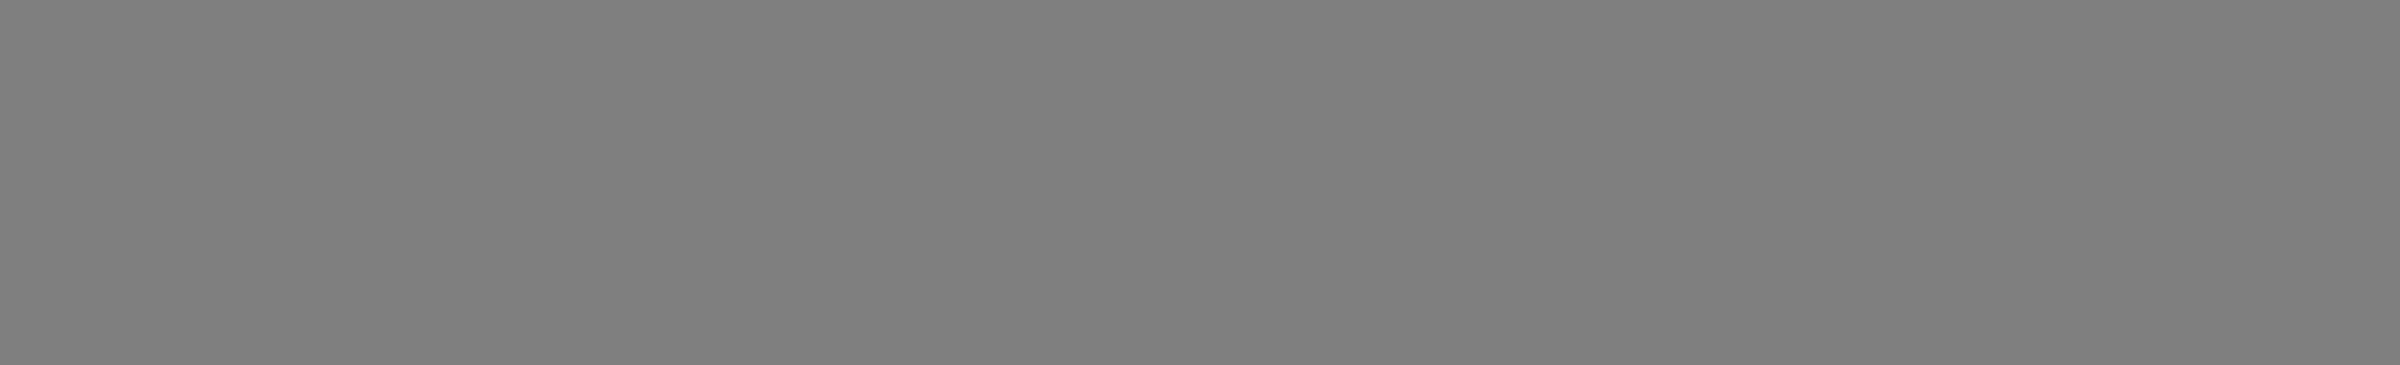 Comco, Inc. El Paso Texas